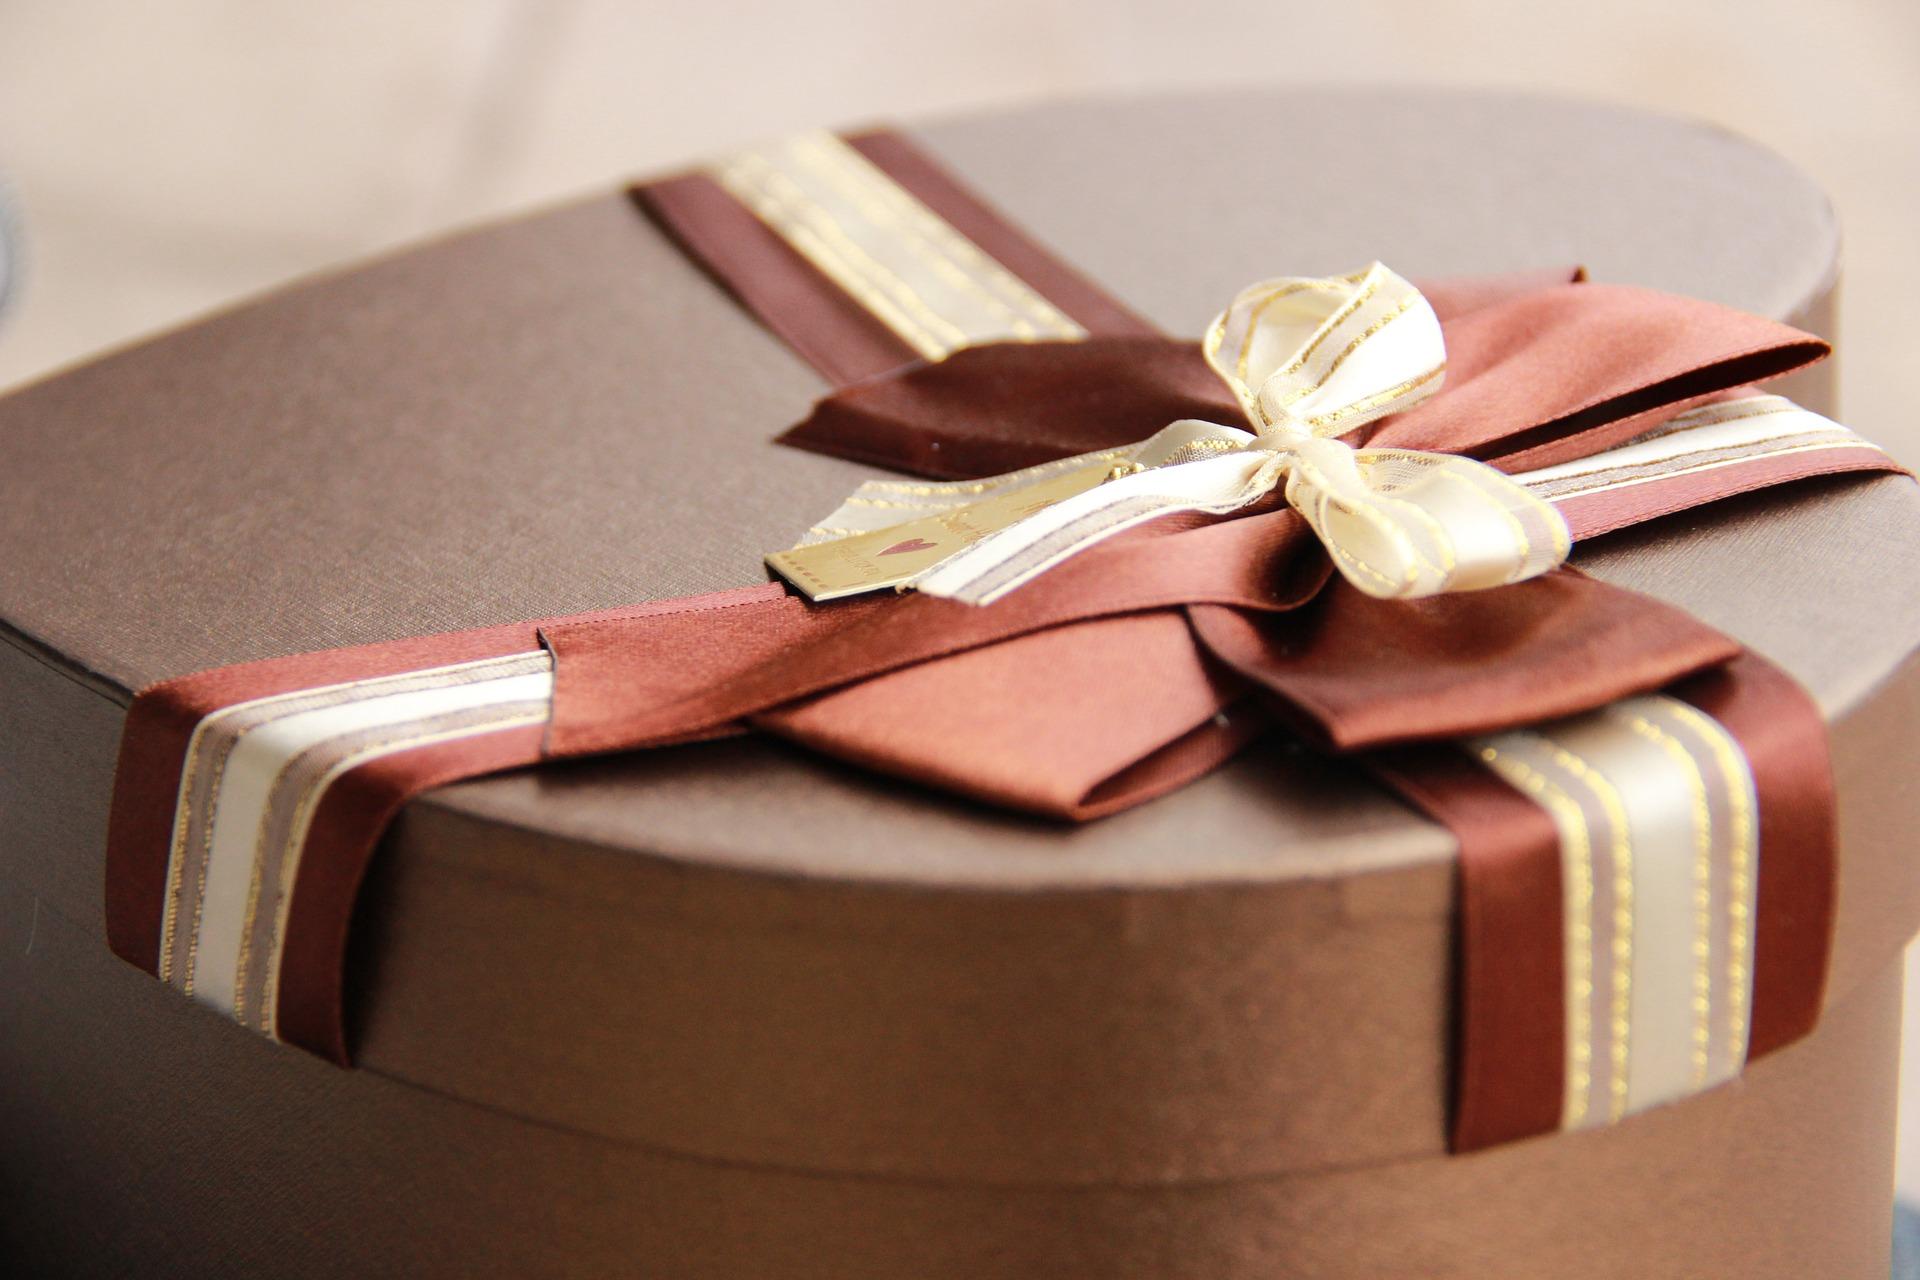 Votre e-boutique des bons plans cadeaux originaux et articles pour tous les jours